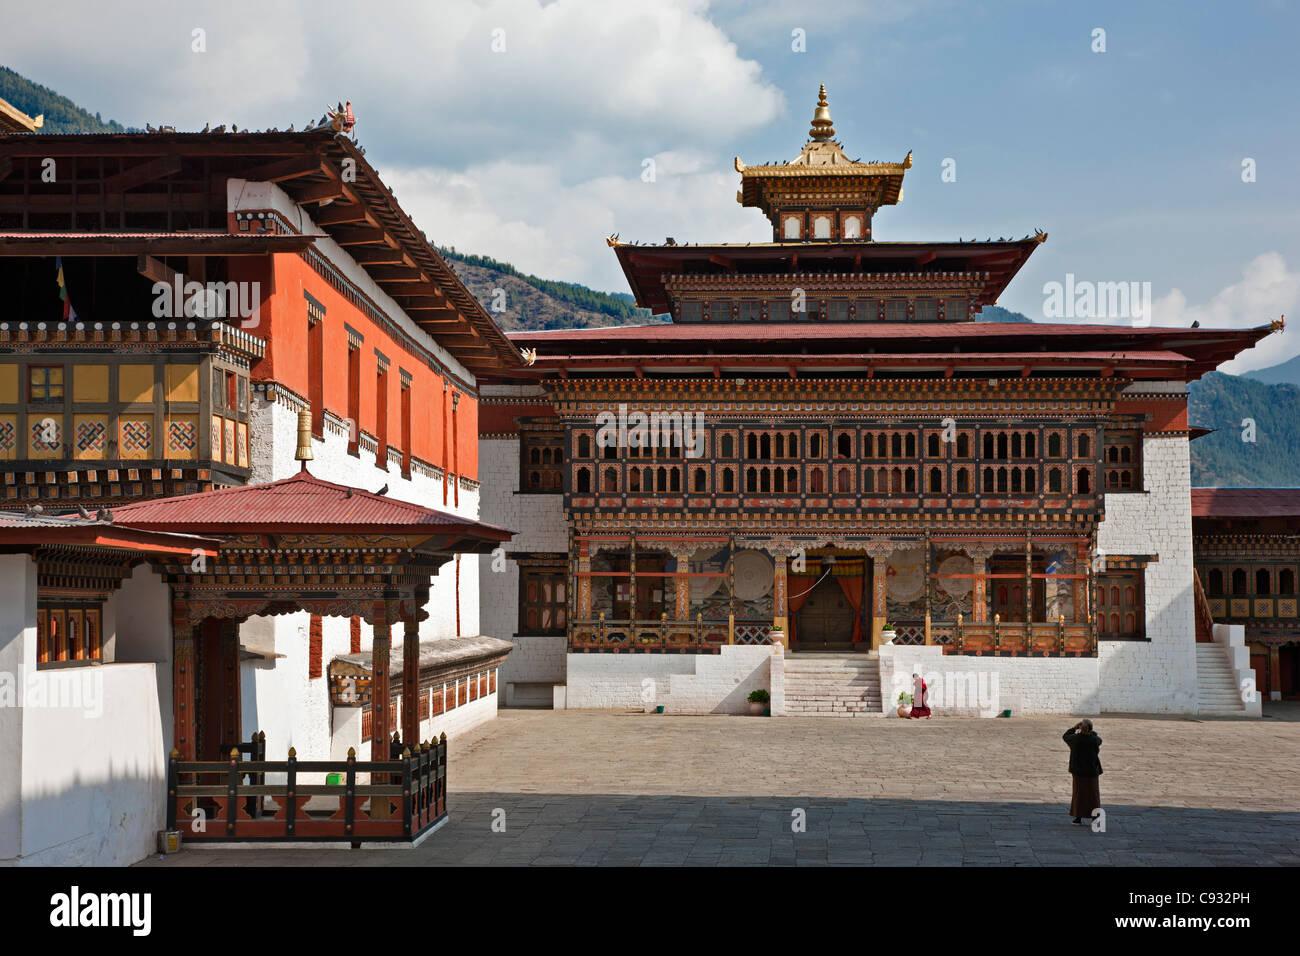 Des bâtiments monastiques entourent la cour de Trashi Chhoe Dzong à Thimphu. Photo Stock